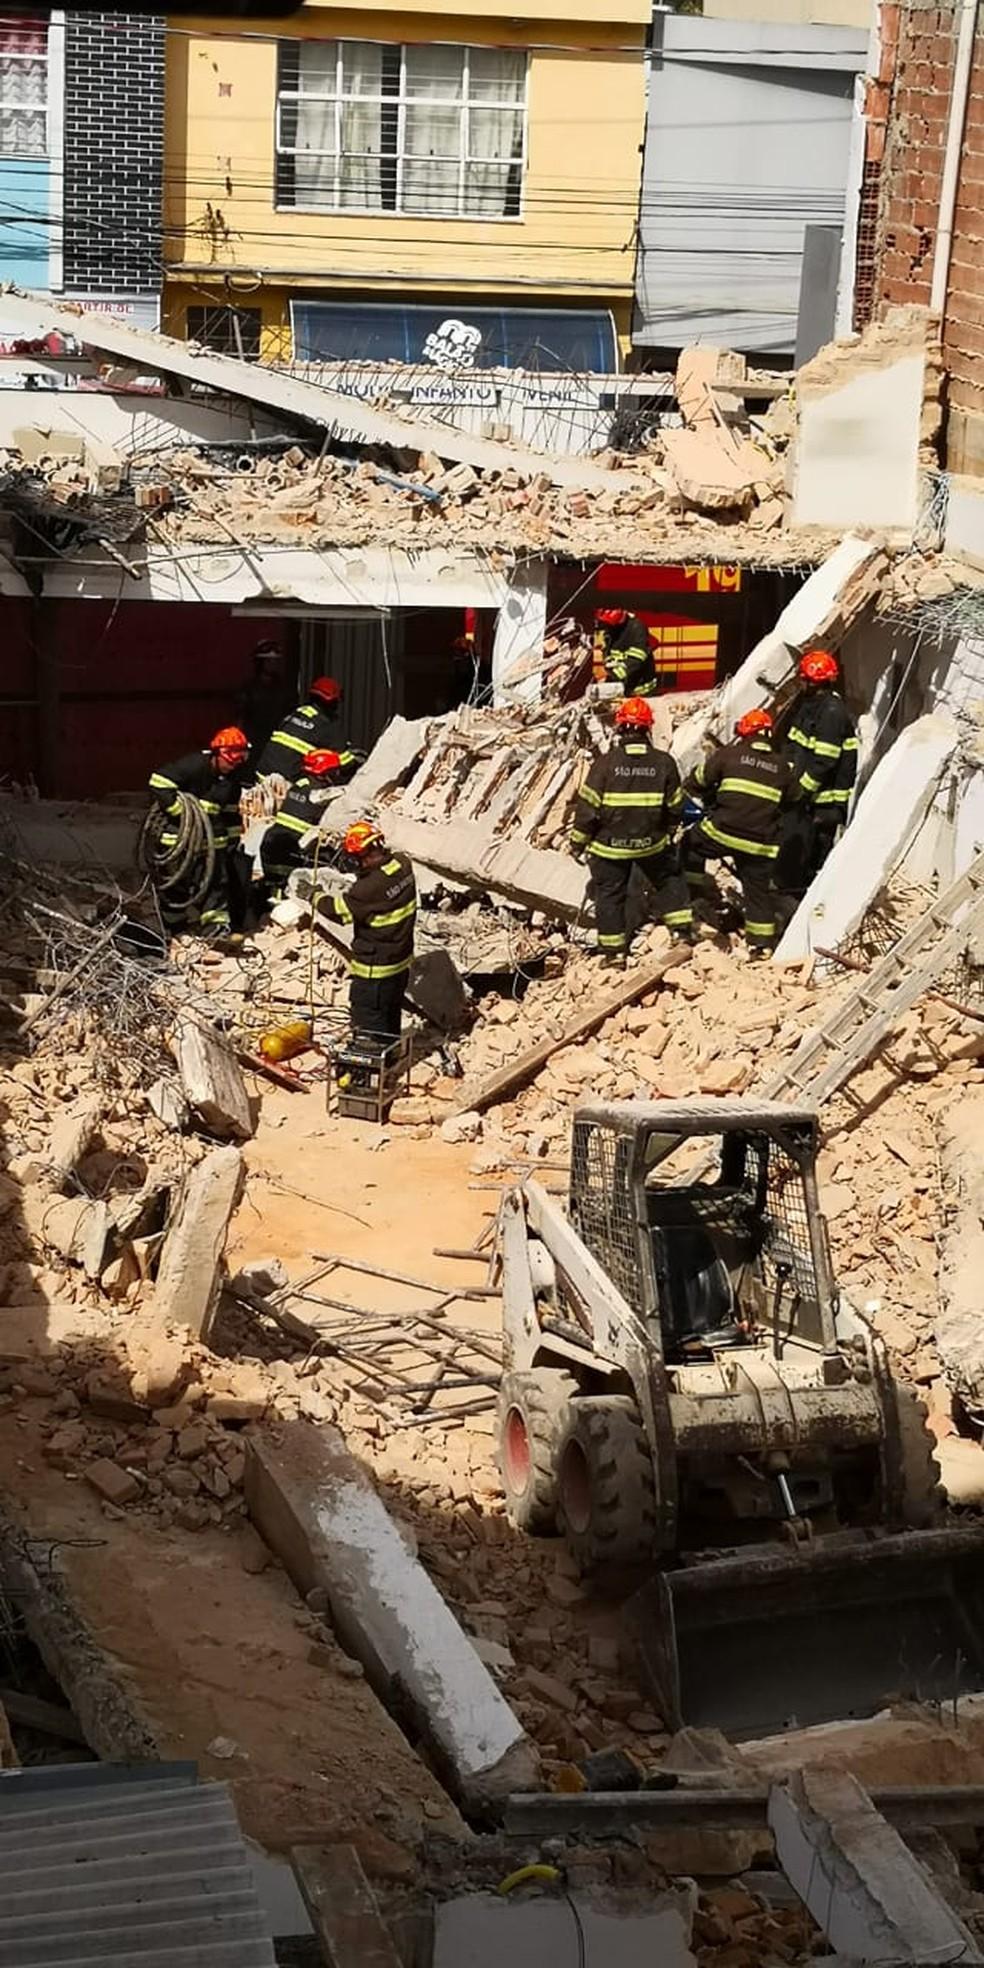 Trabalho de busca é realizado pelos bombeiros em São Roque (Foto: Igor Juan/Correio do Interior)